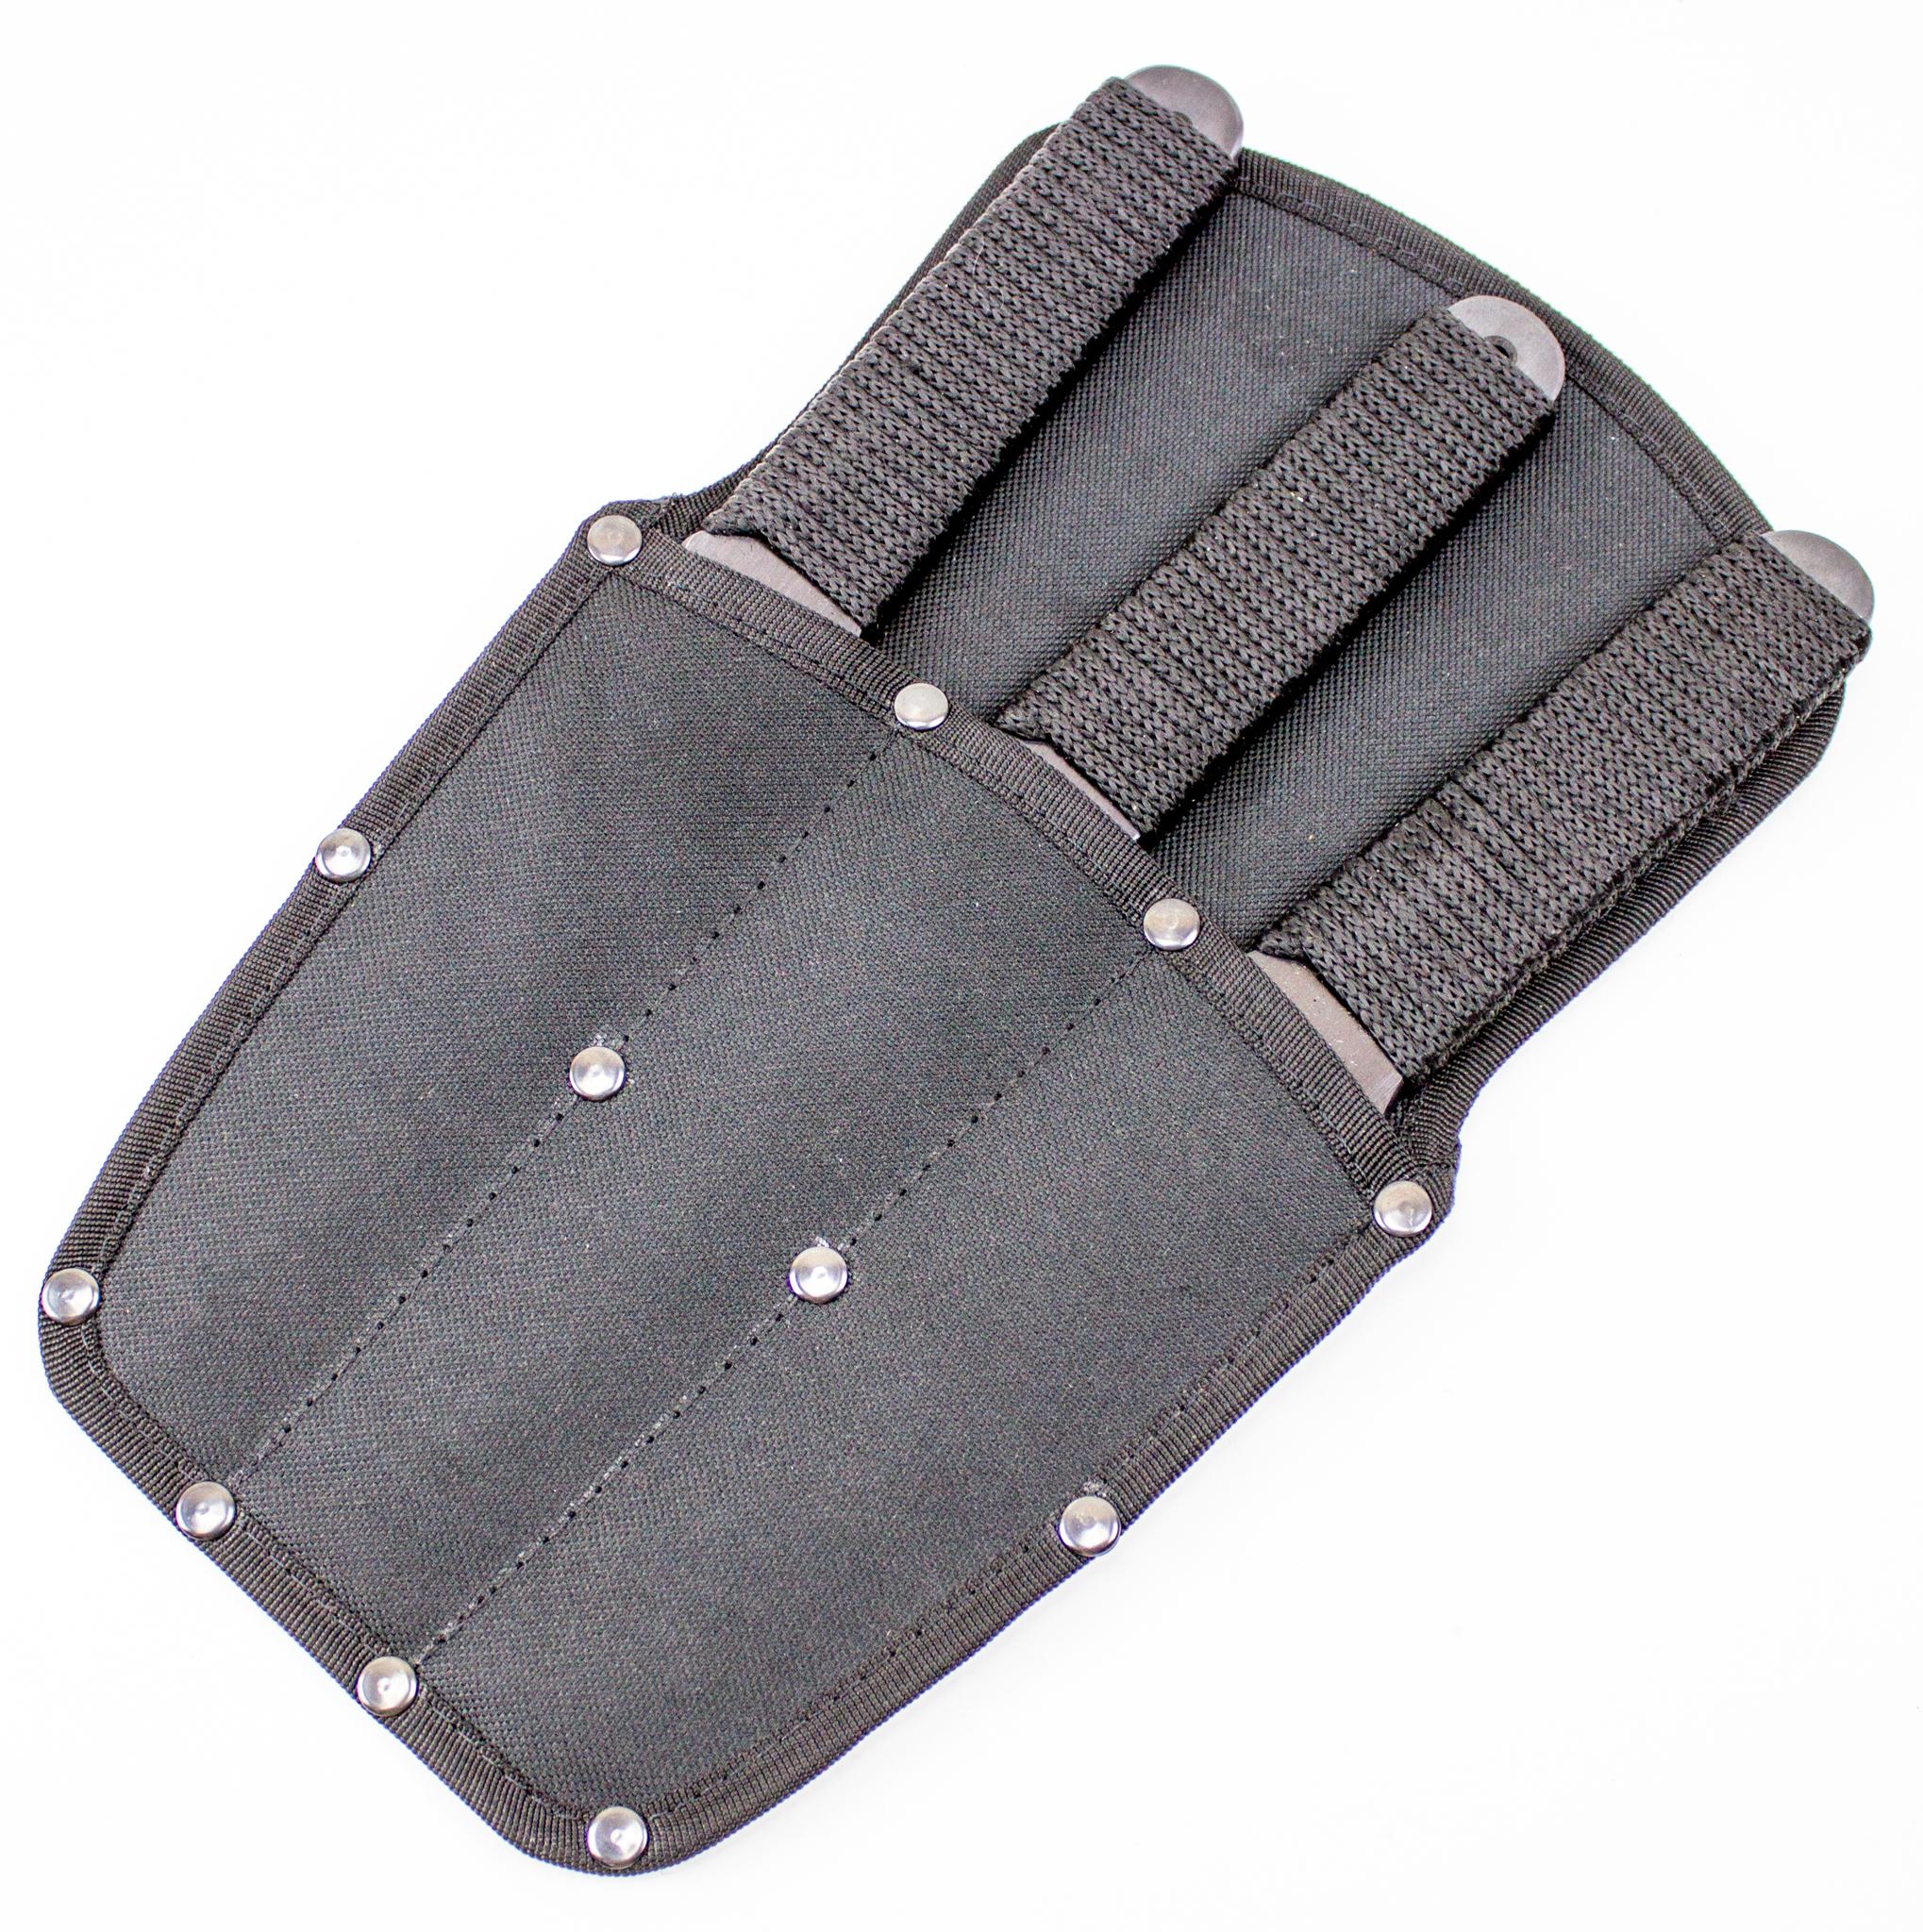 Набор метательных ножей Миг-1, комплект 3 шт, сталь 65Г миг 400мг 10 шт